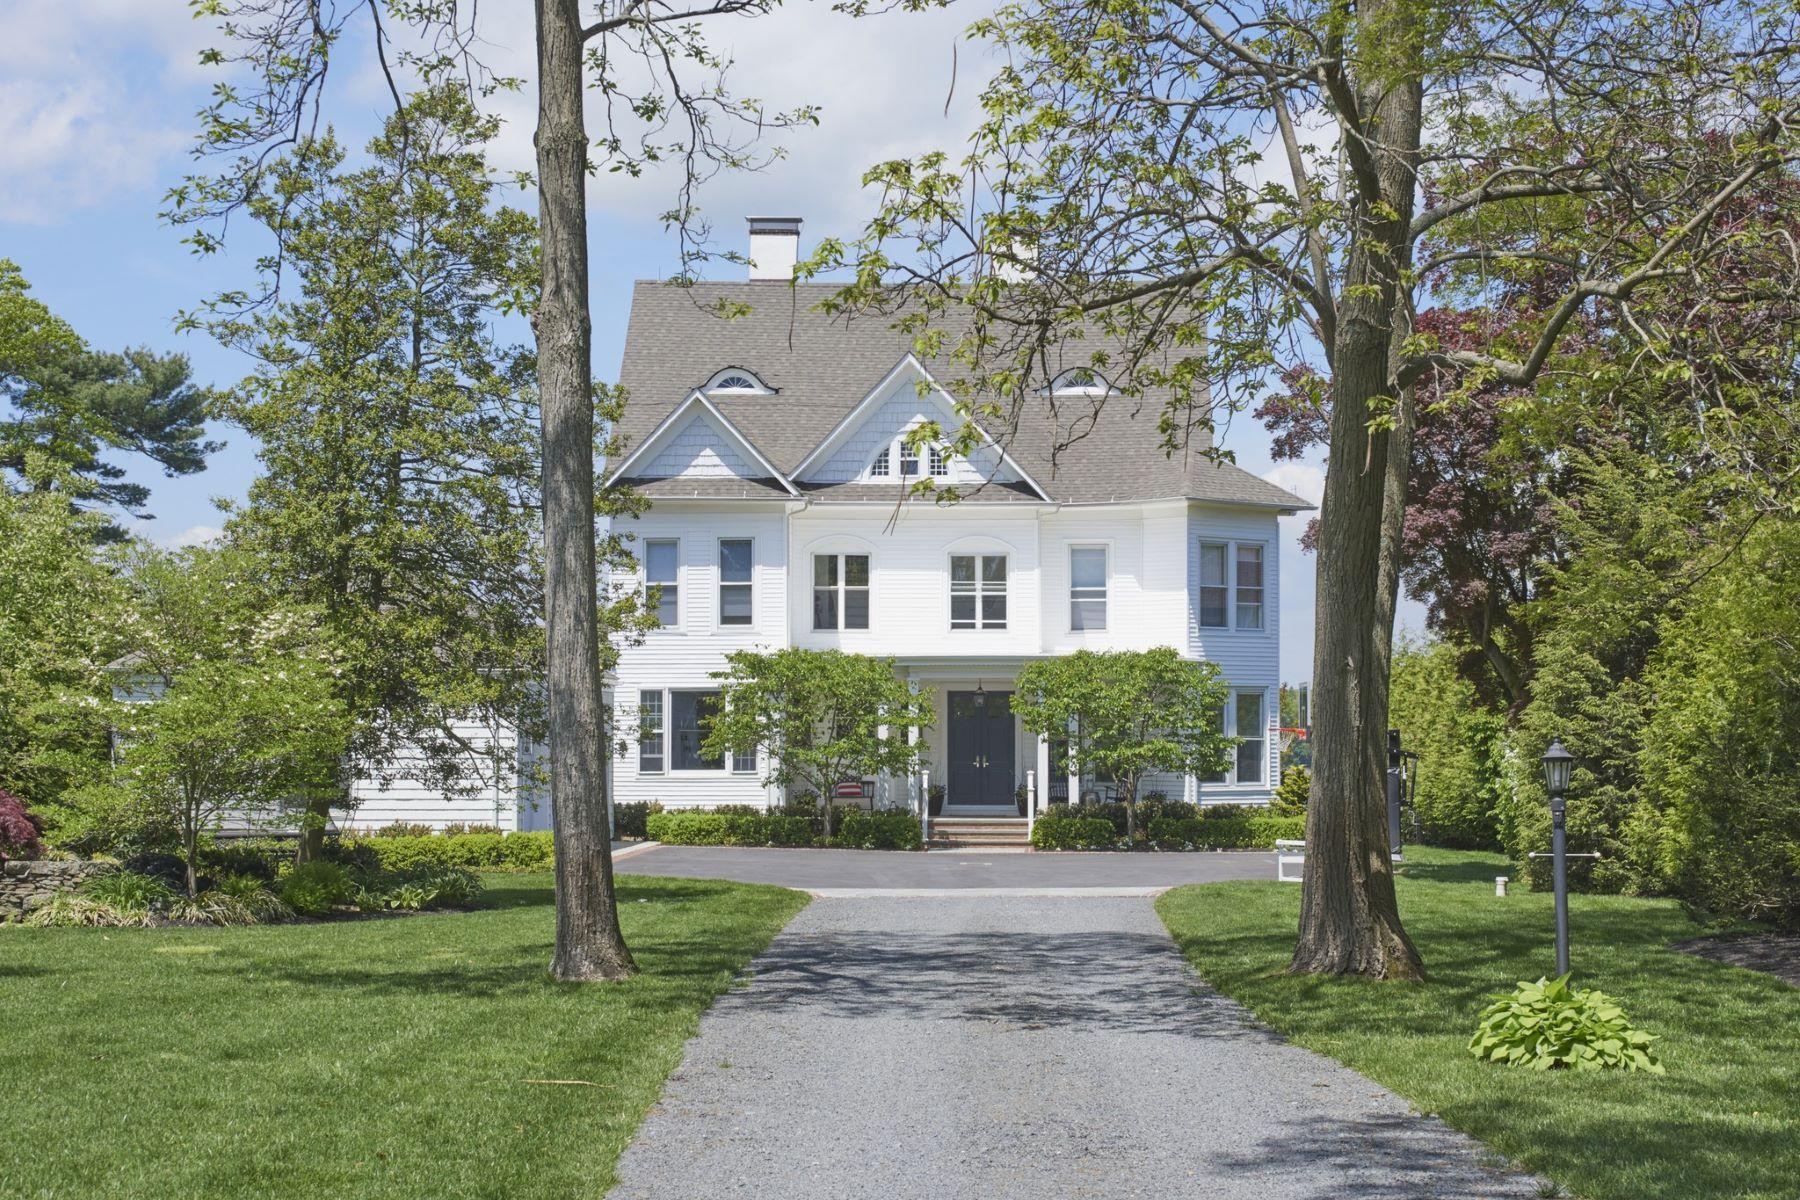 단독 가정 주택 용 매매 에 Home Sweet Home 169 River Rd Red Bank, 뉴저지, 07701 미국